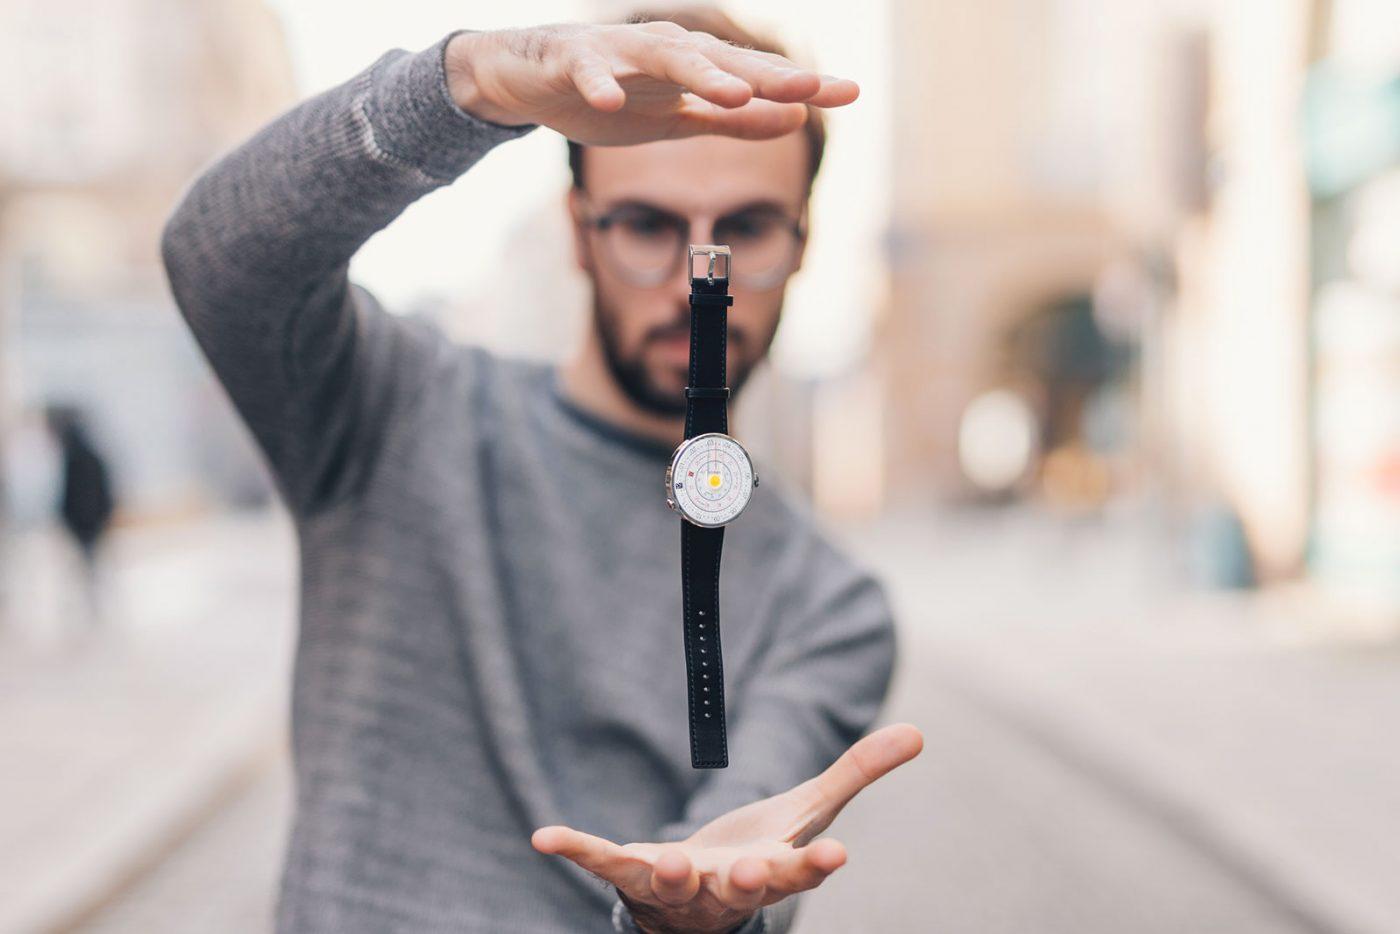 Coup de tonnerre dans le monde de l'horlogerie